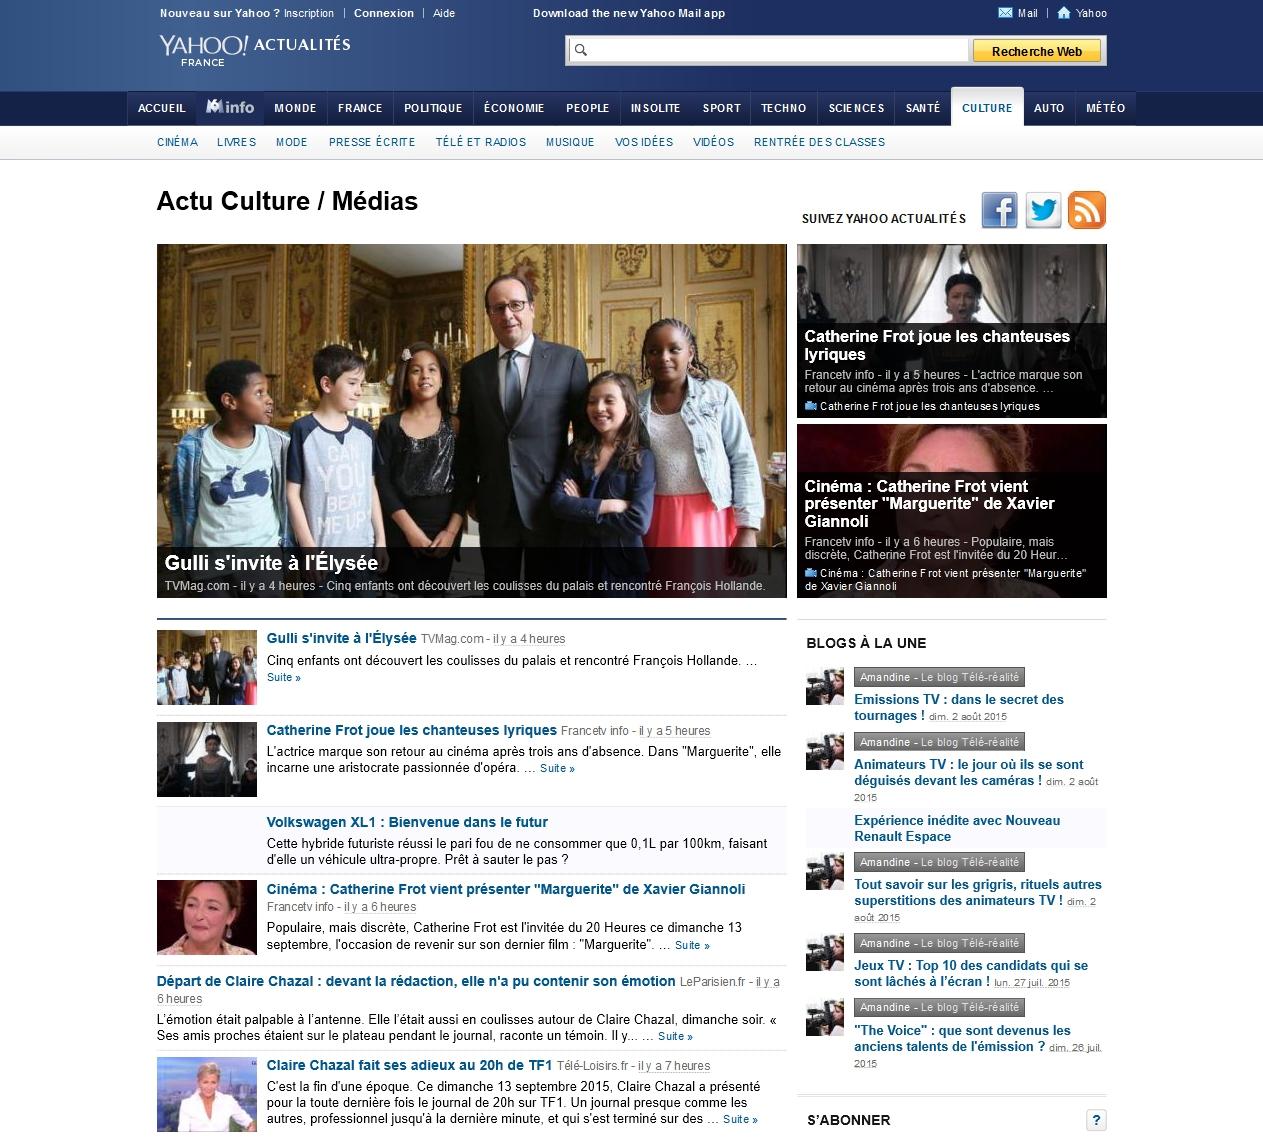 La page Culture/Médias de Yahoo! Actualités